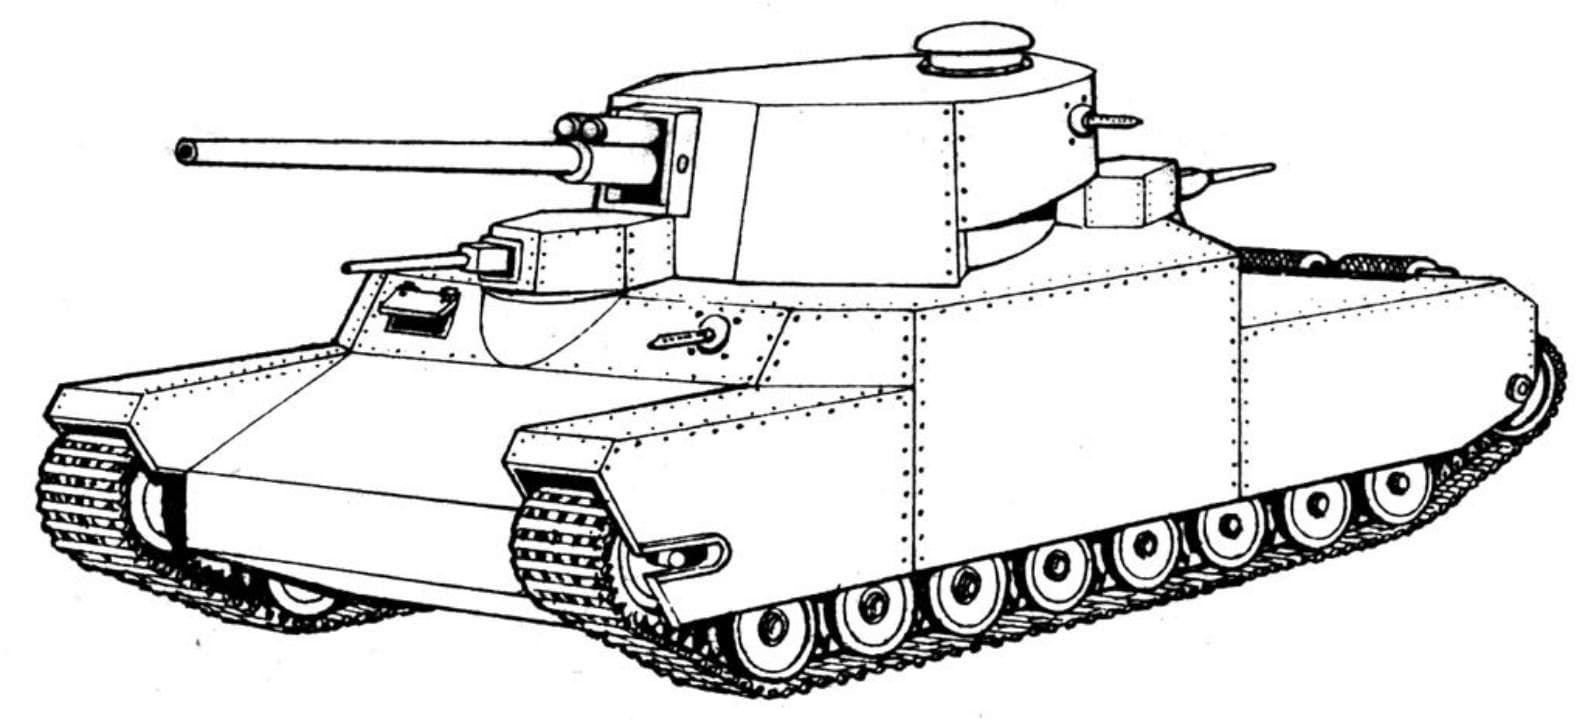 Raskraski Voennye Tanki T34 Tigr Maus World Of Tanks I Drugie Raspechatat Besplatno V 2020 G Raskraski Tank Tigr